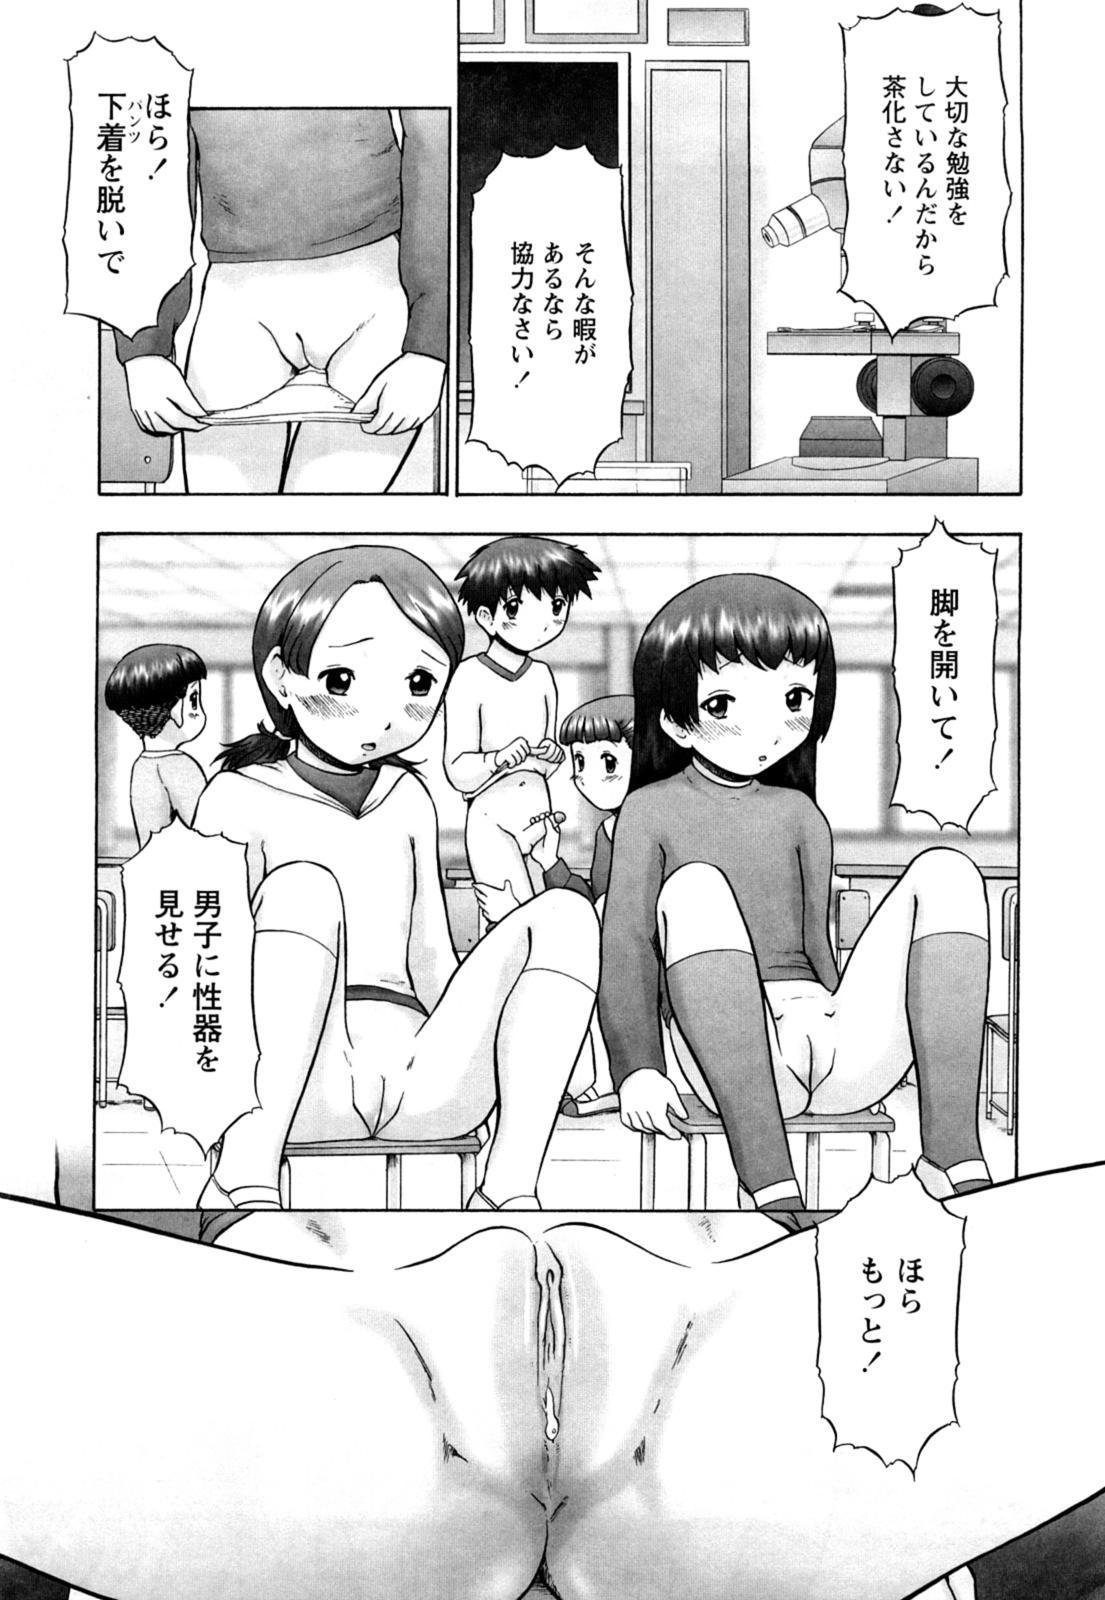 Koneko no Gakushuchou 150